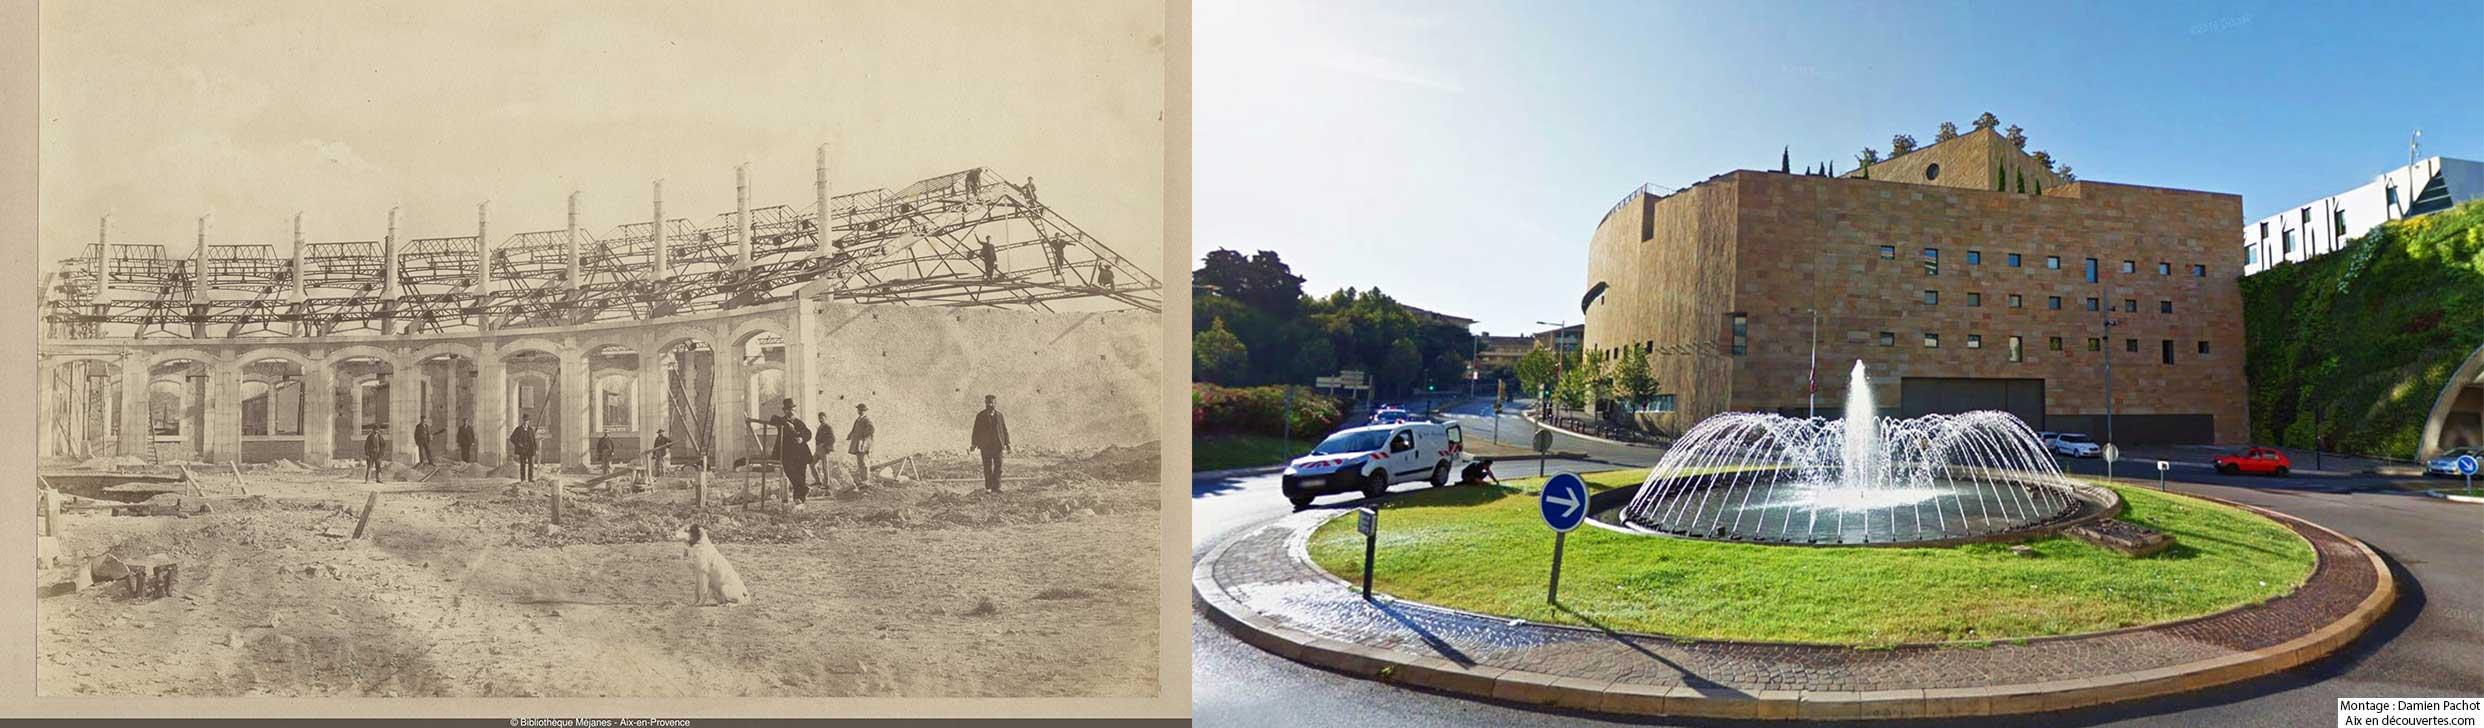 L'emplacement de l'ancienne rotonde des machines aujourd'hui occupé par le G.T.P. - - Claude Gondran - Bibliothèque Méjanes, Aix-en-Provence, Cote : PHO. GON. (3), 132